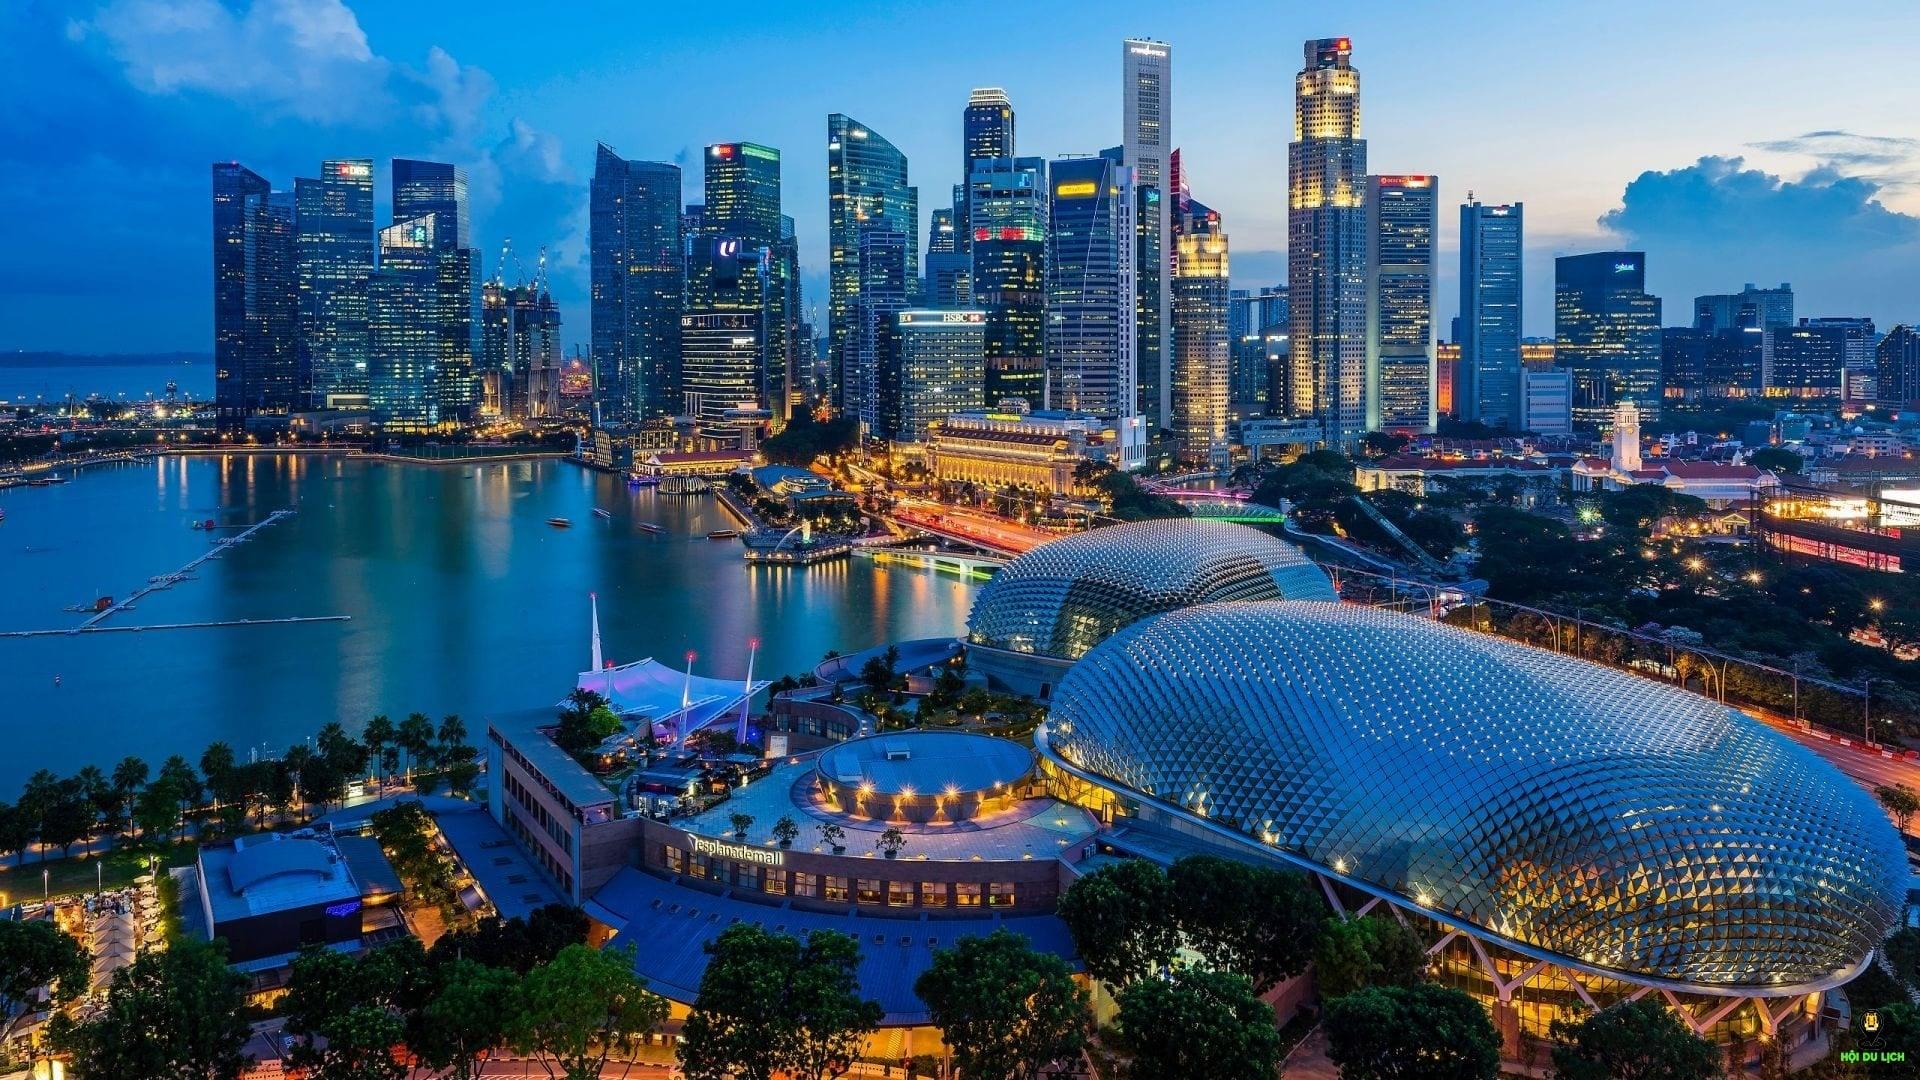 Du lịch Singapore và những điều thú vị phần 1